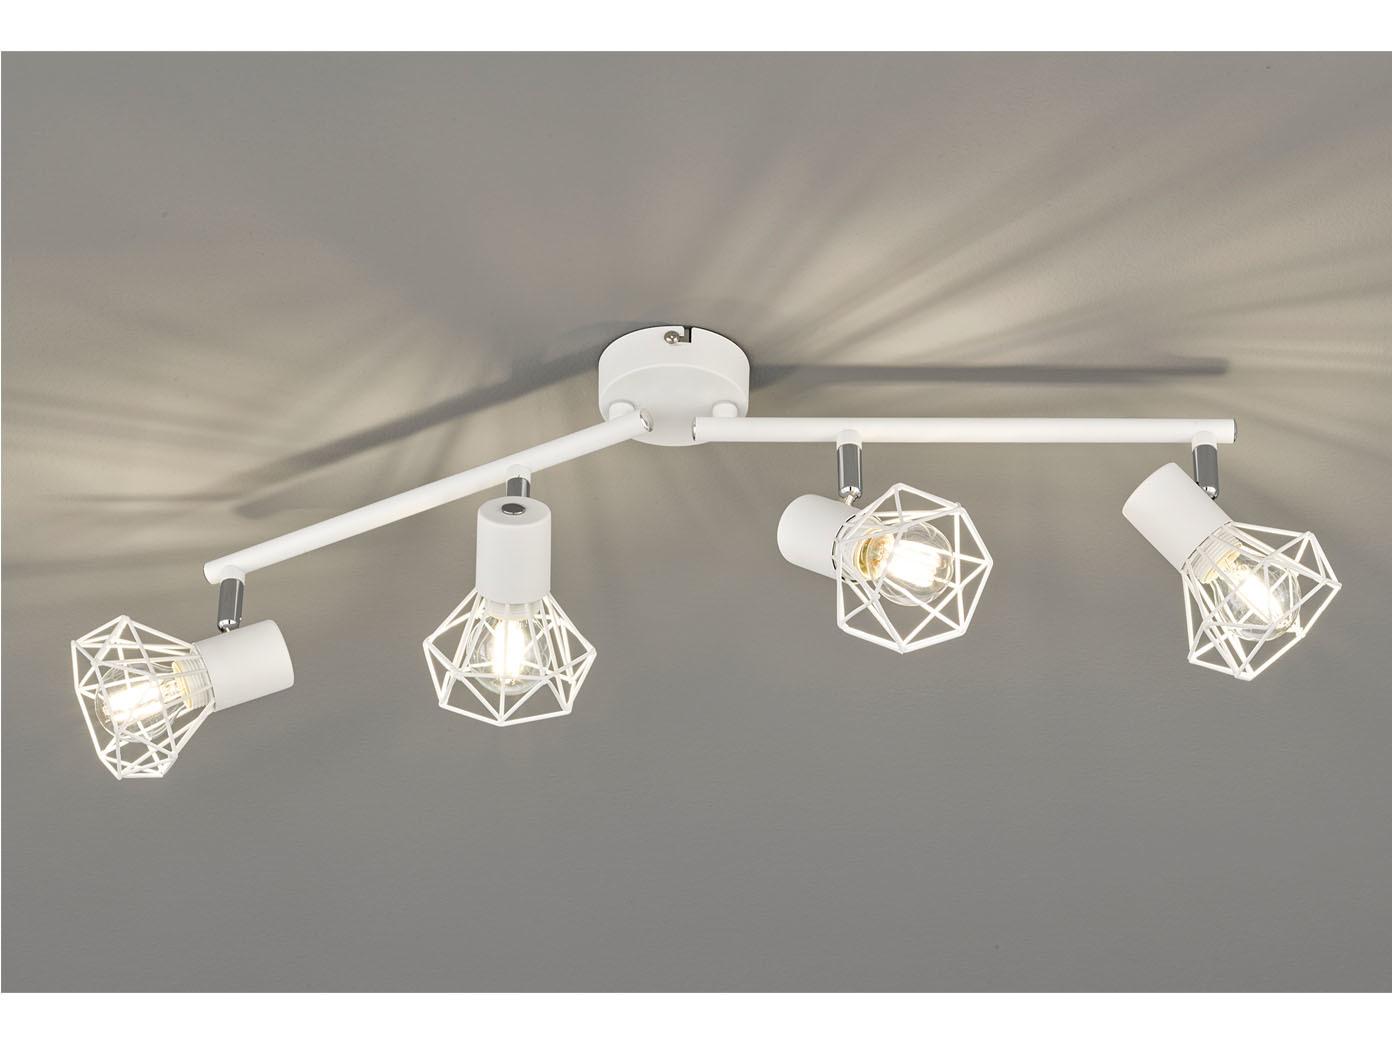 Coole Design Deckenlampe Mit Led Strahler Weiss Schwenkbar